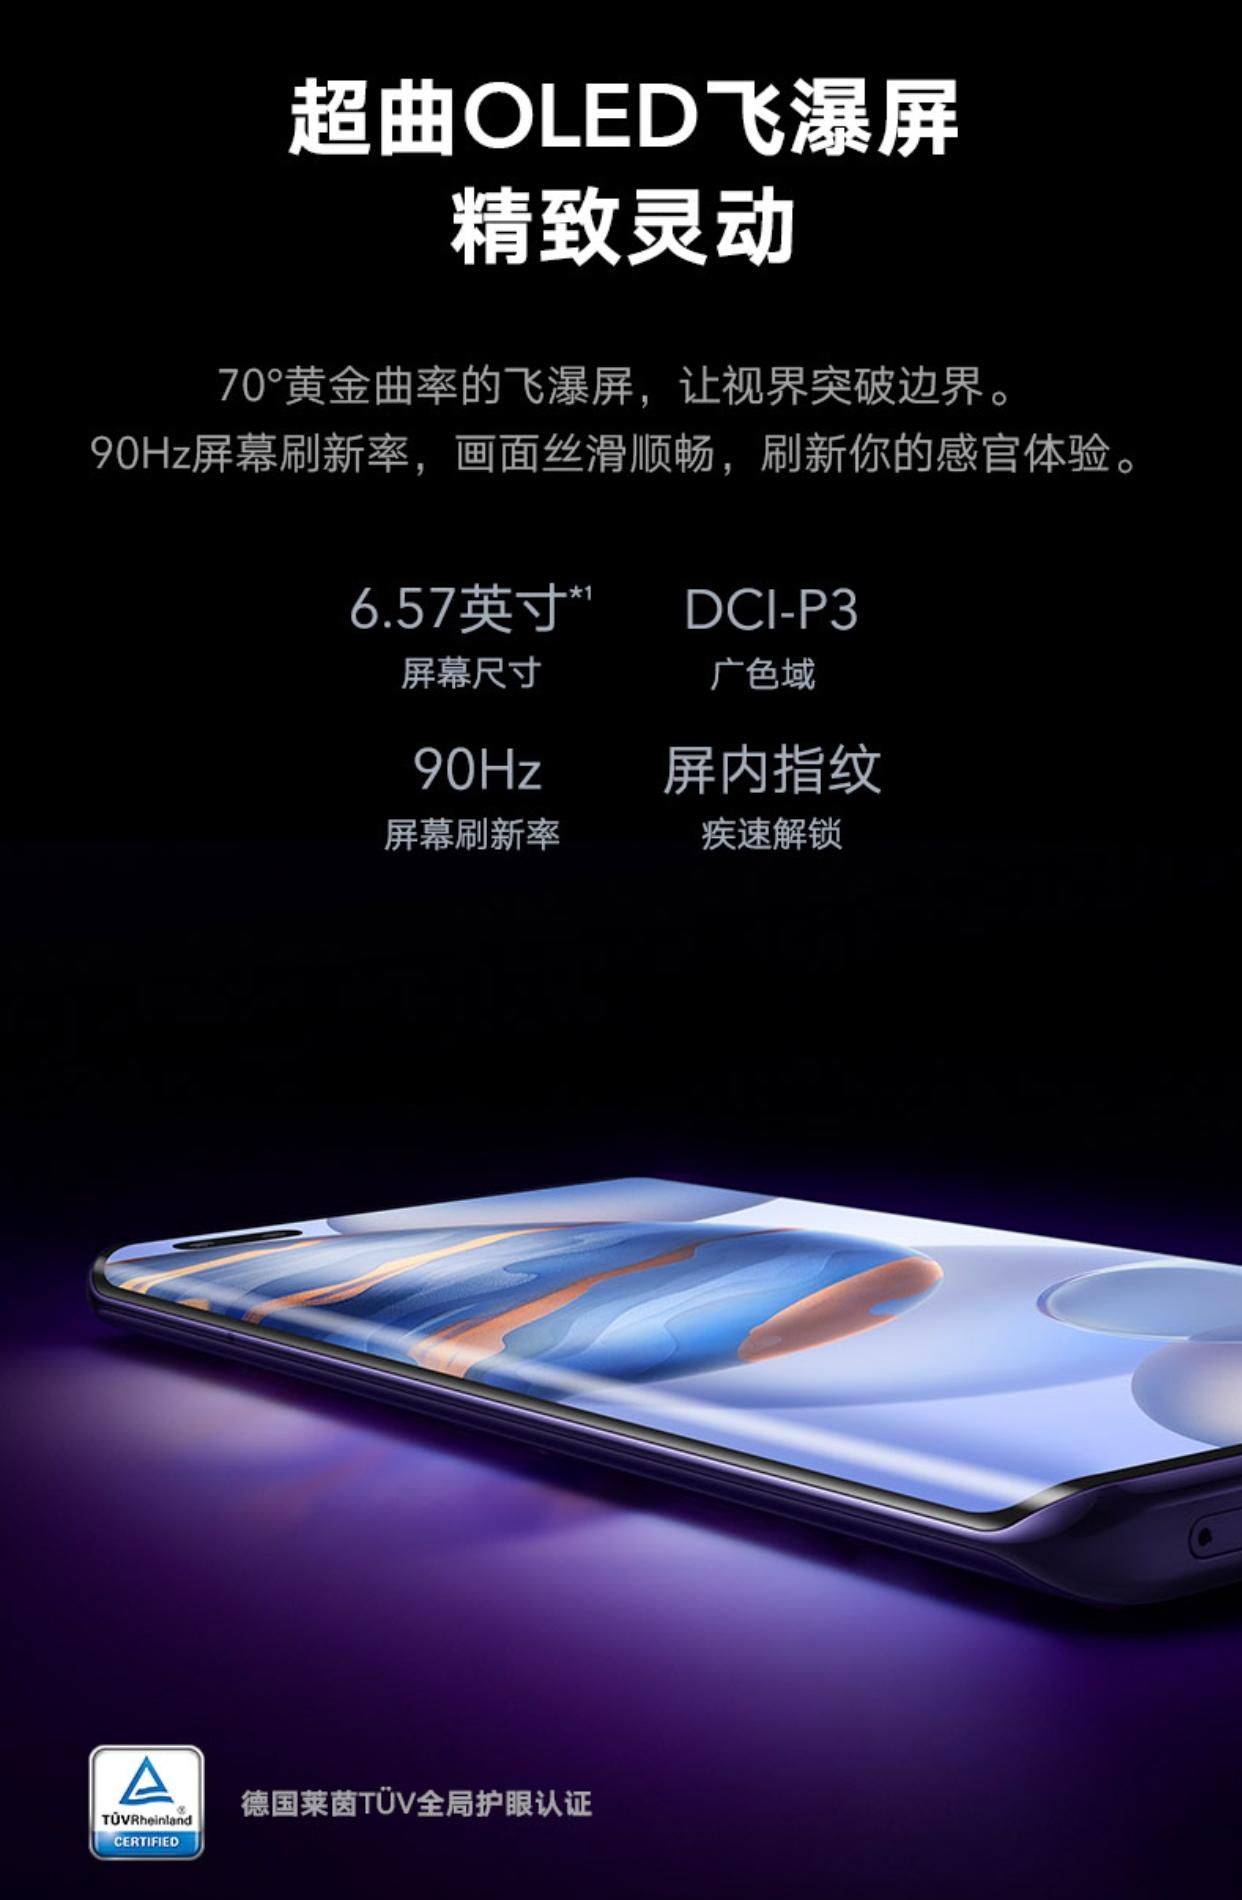 Screenshot_20200516_013718_com.tencent.mtt.jpg